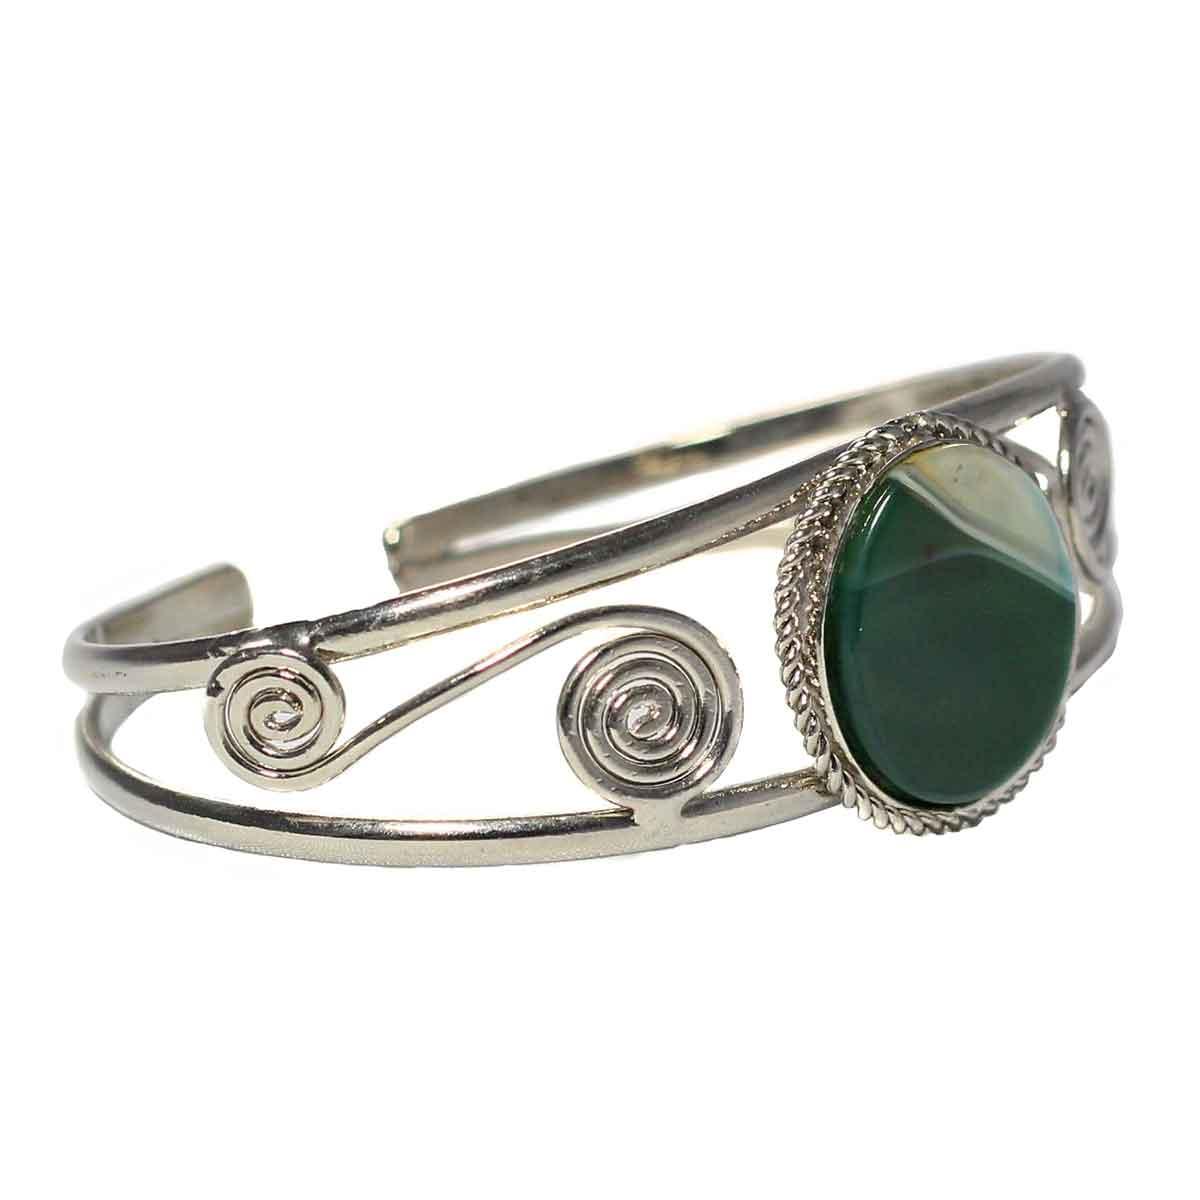 Inka-Products-Bracelet en Métal Argenté QILLA-Pierre Semi-précieuse Agate Verte Blanche-2